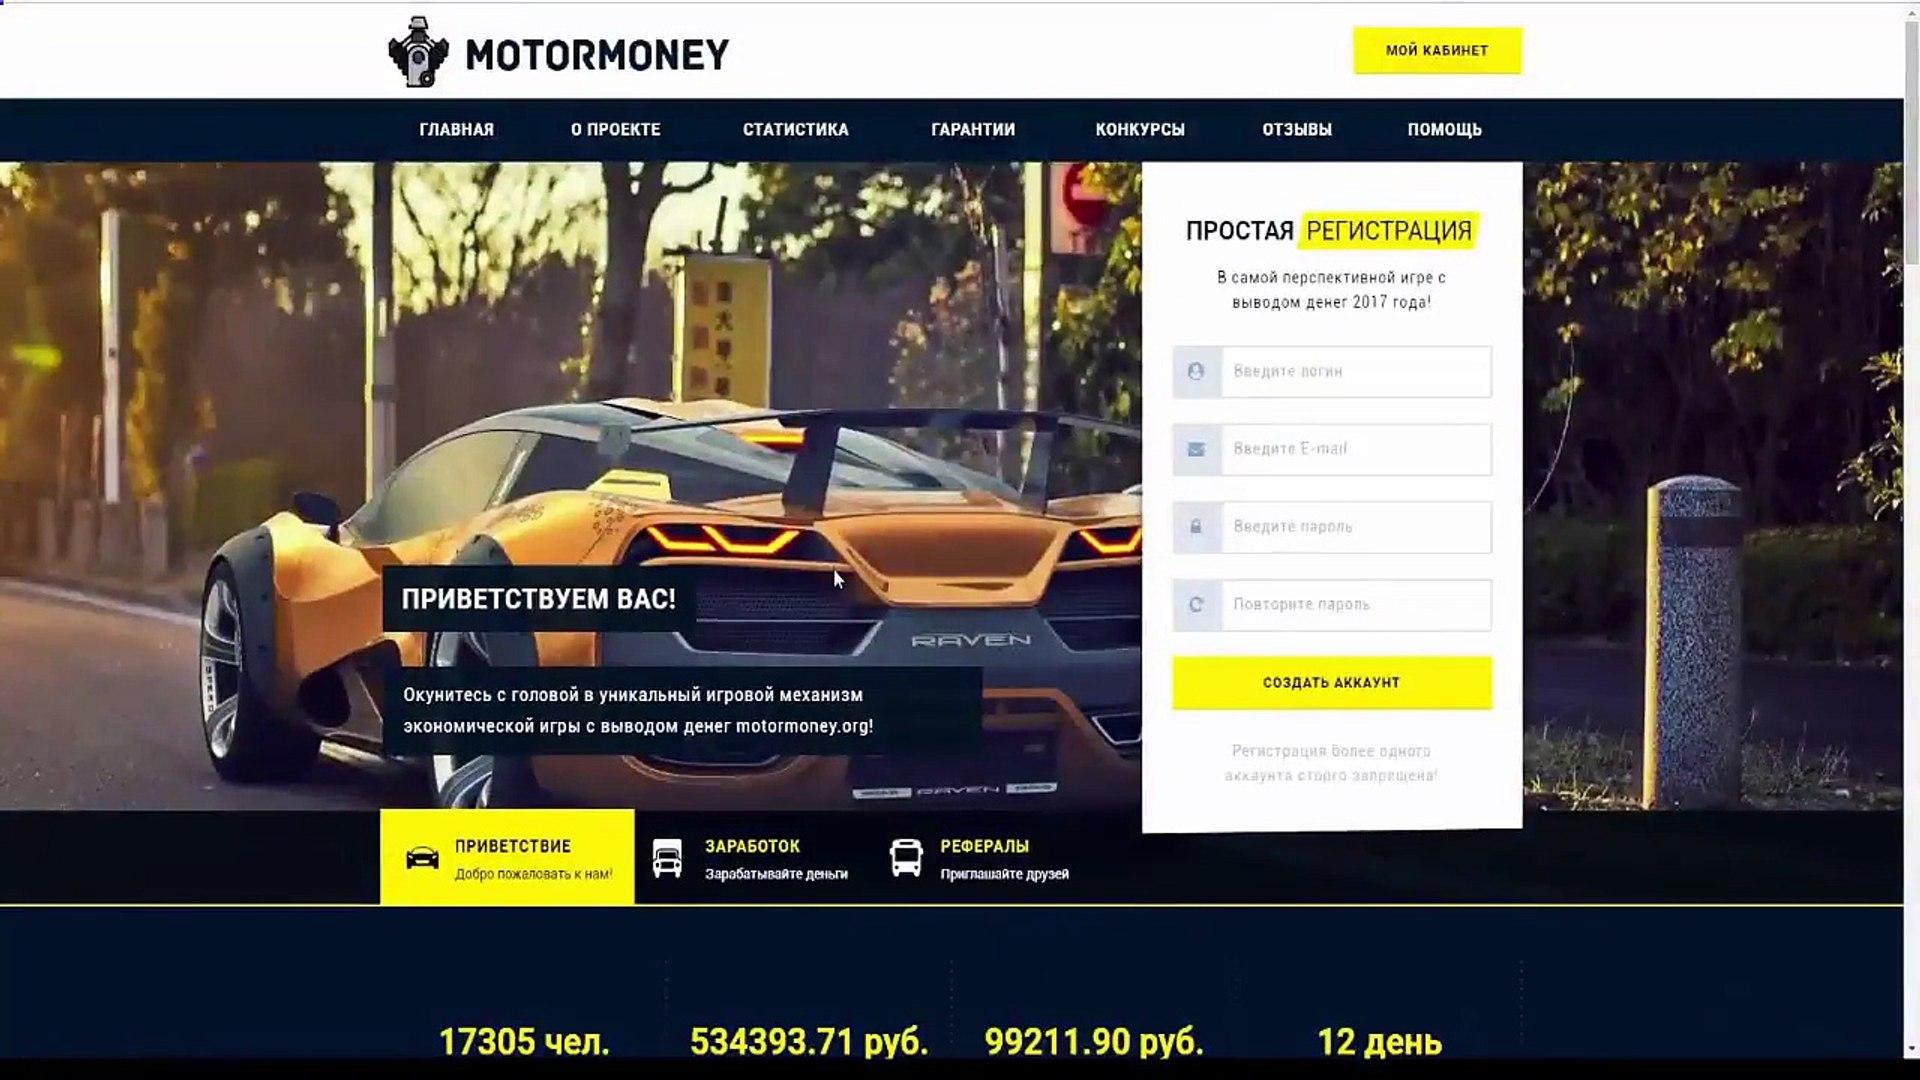 motormoney игра с выводом денег